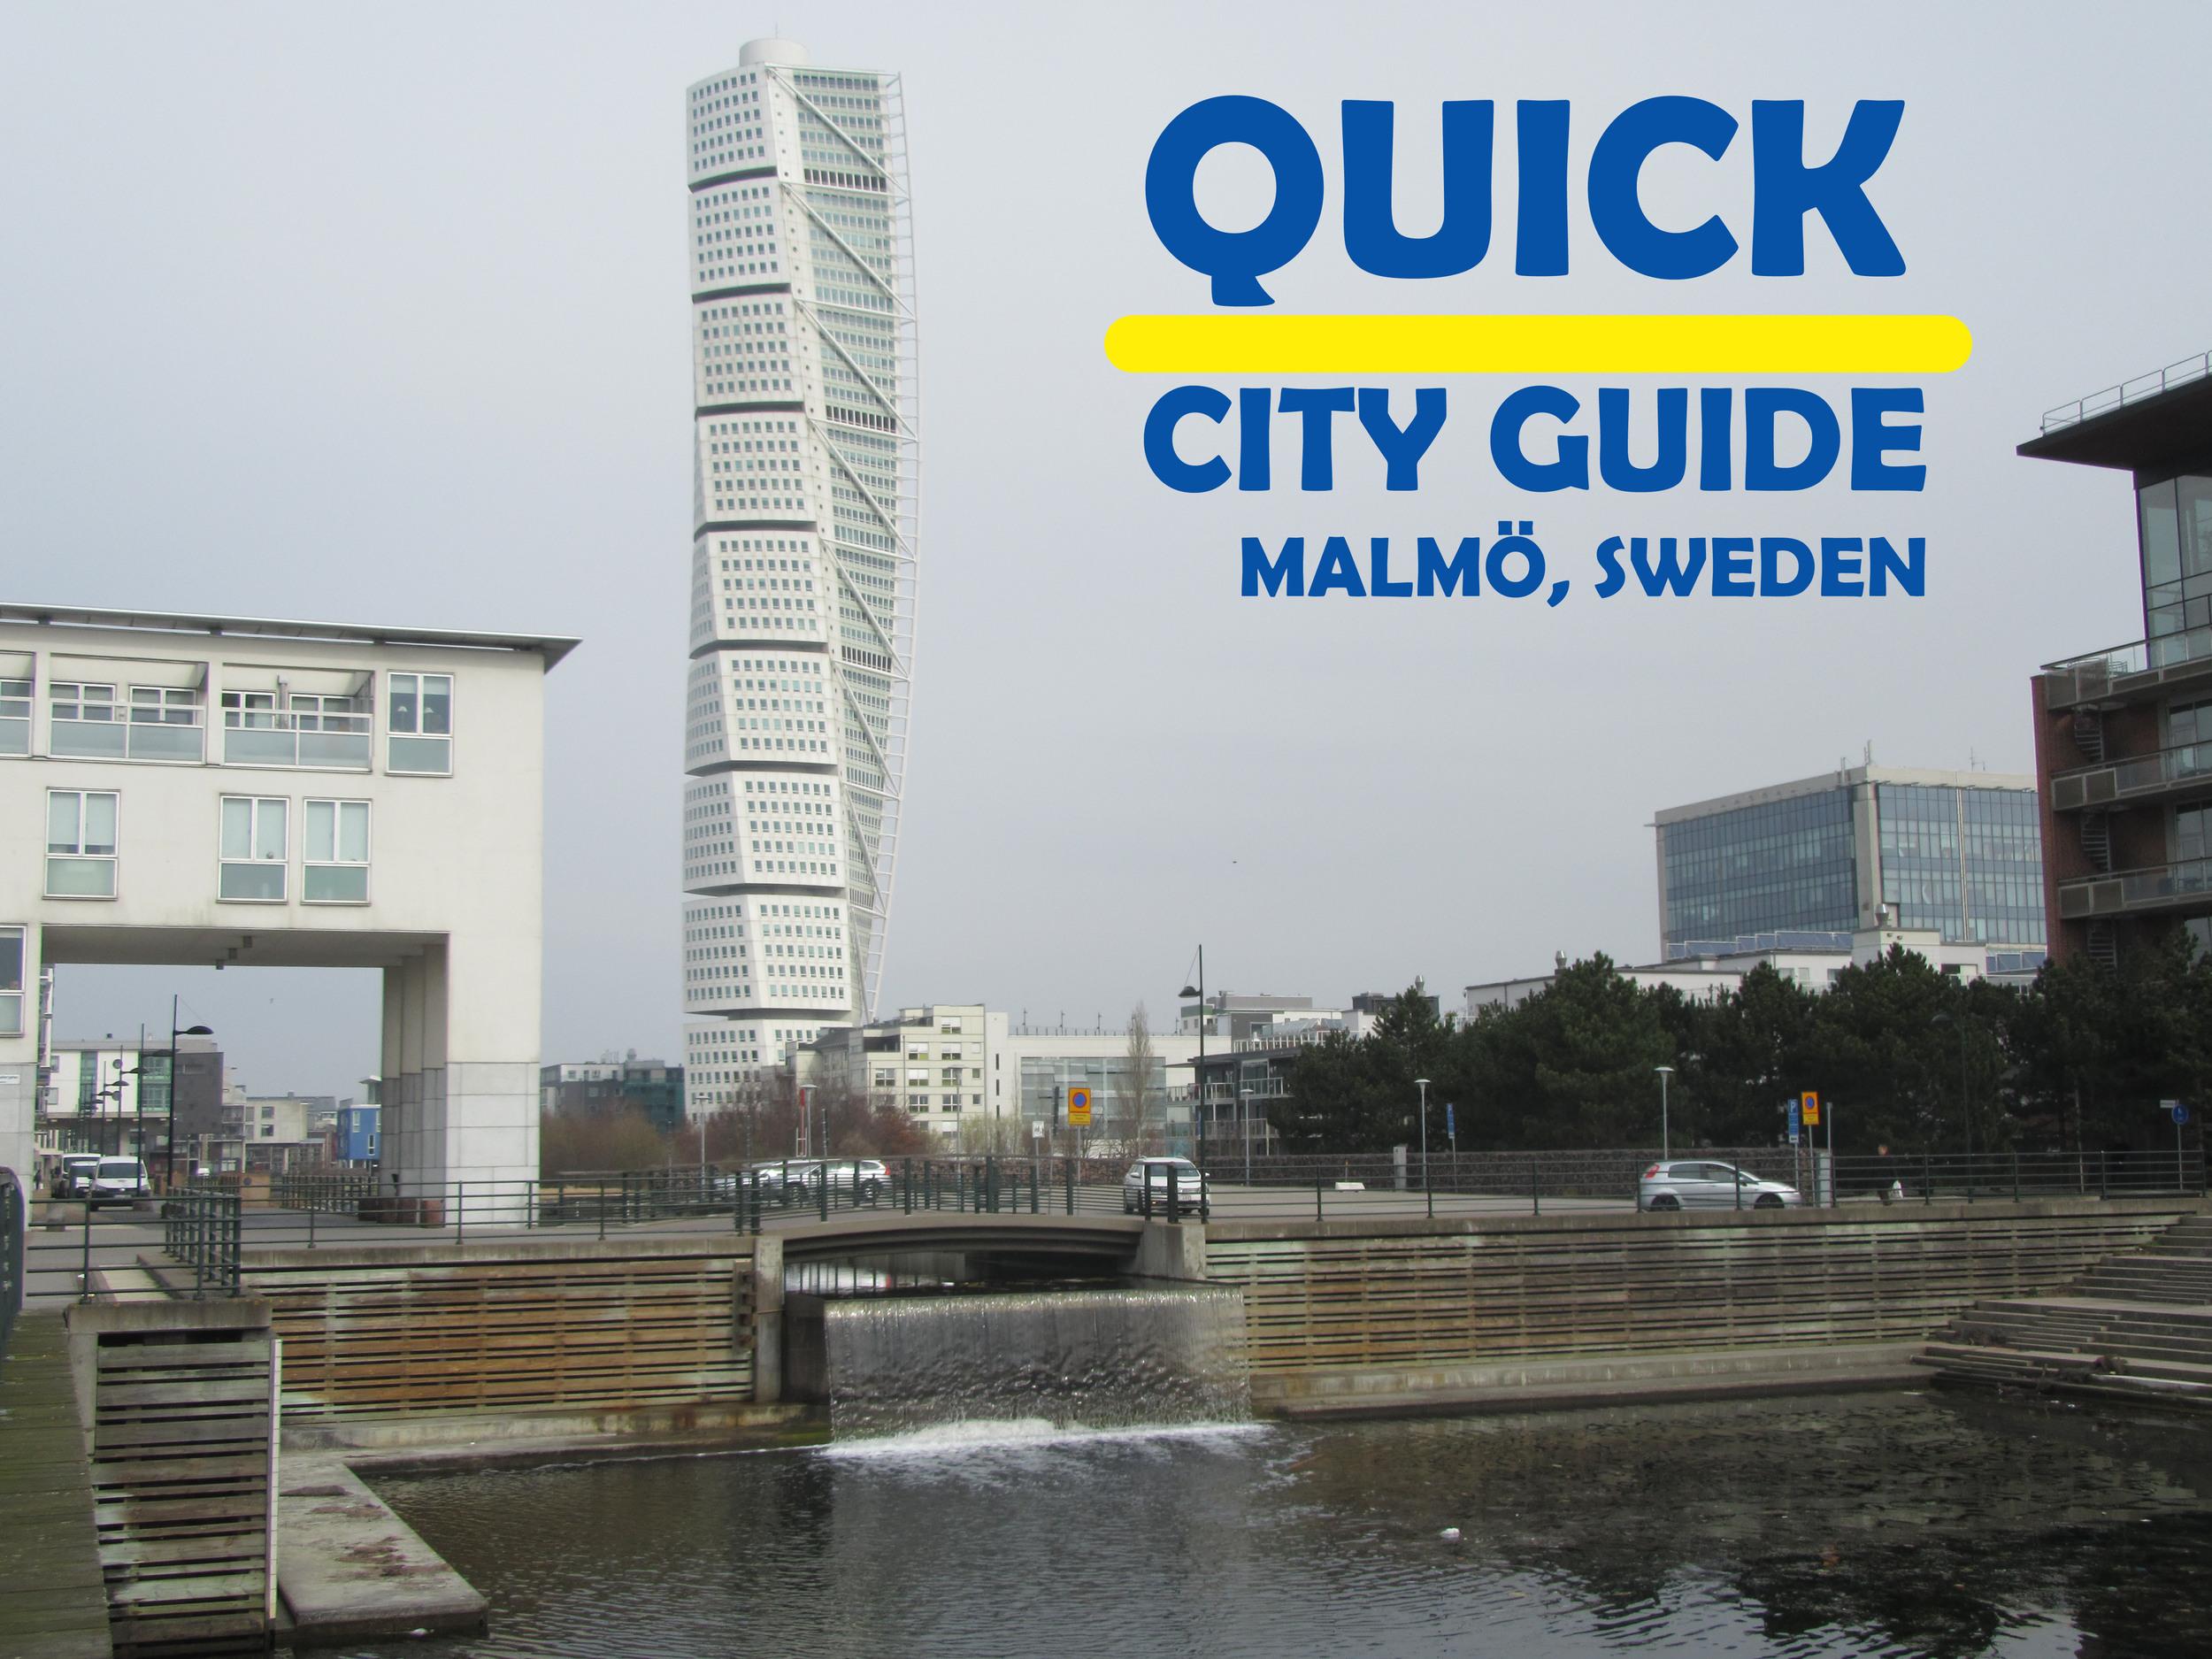 Quick-City-Guide-Malmo-Sweden